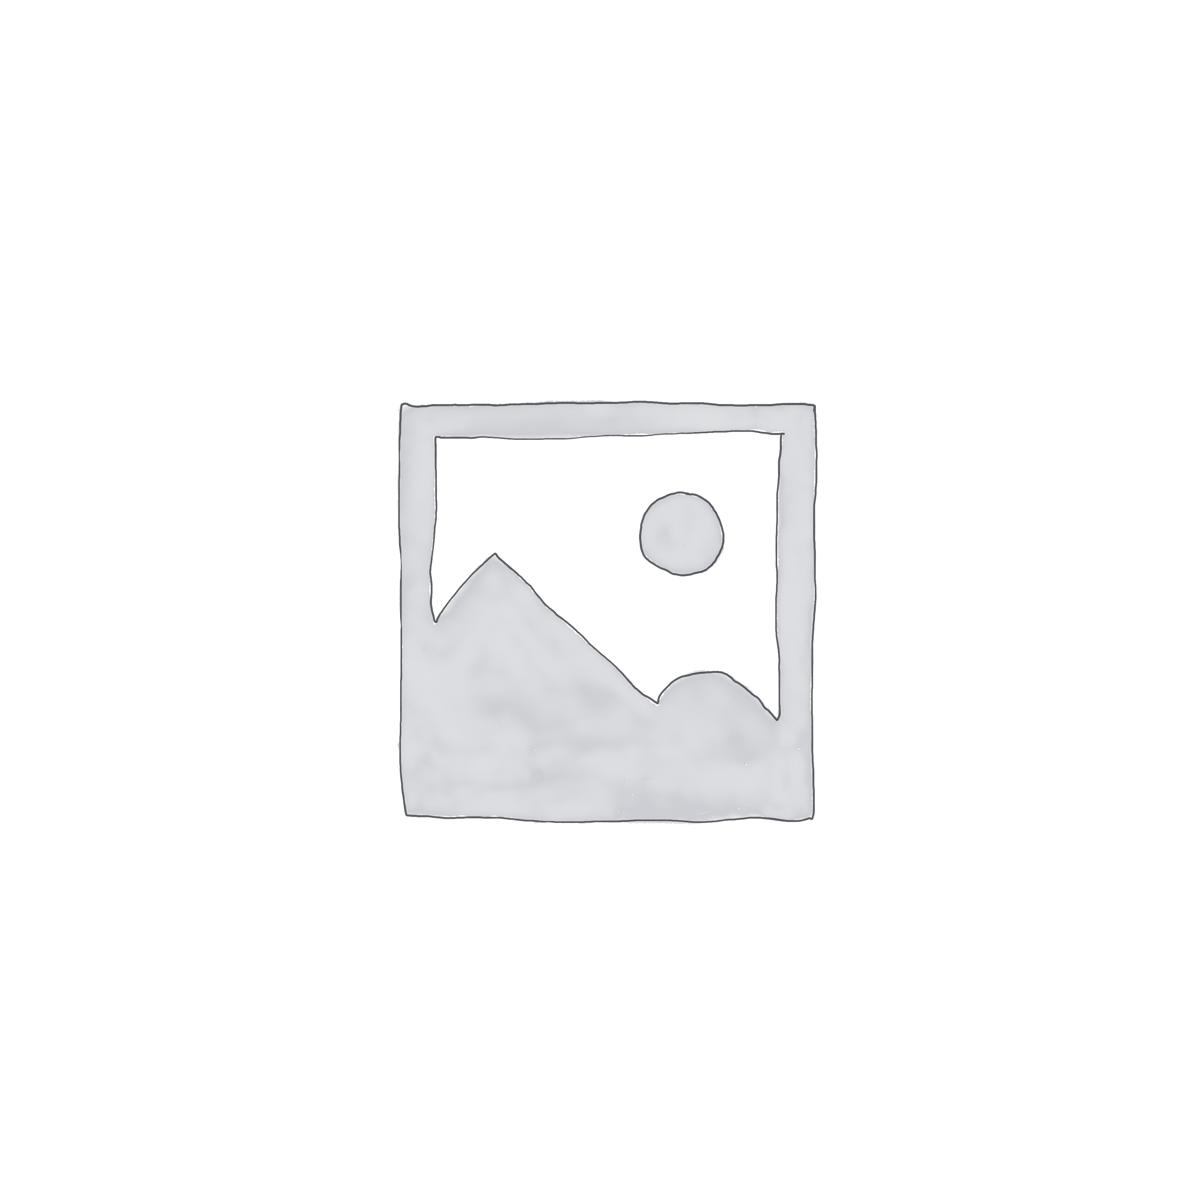 Colorful Peony Floral Bouqet Wallpaper Mural Wallpaper Wallmur